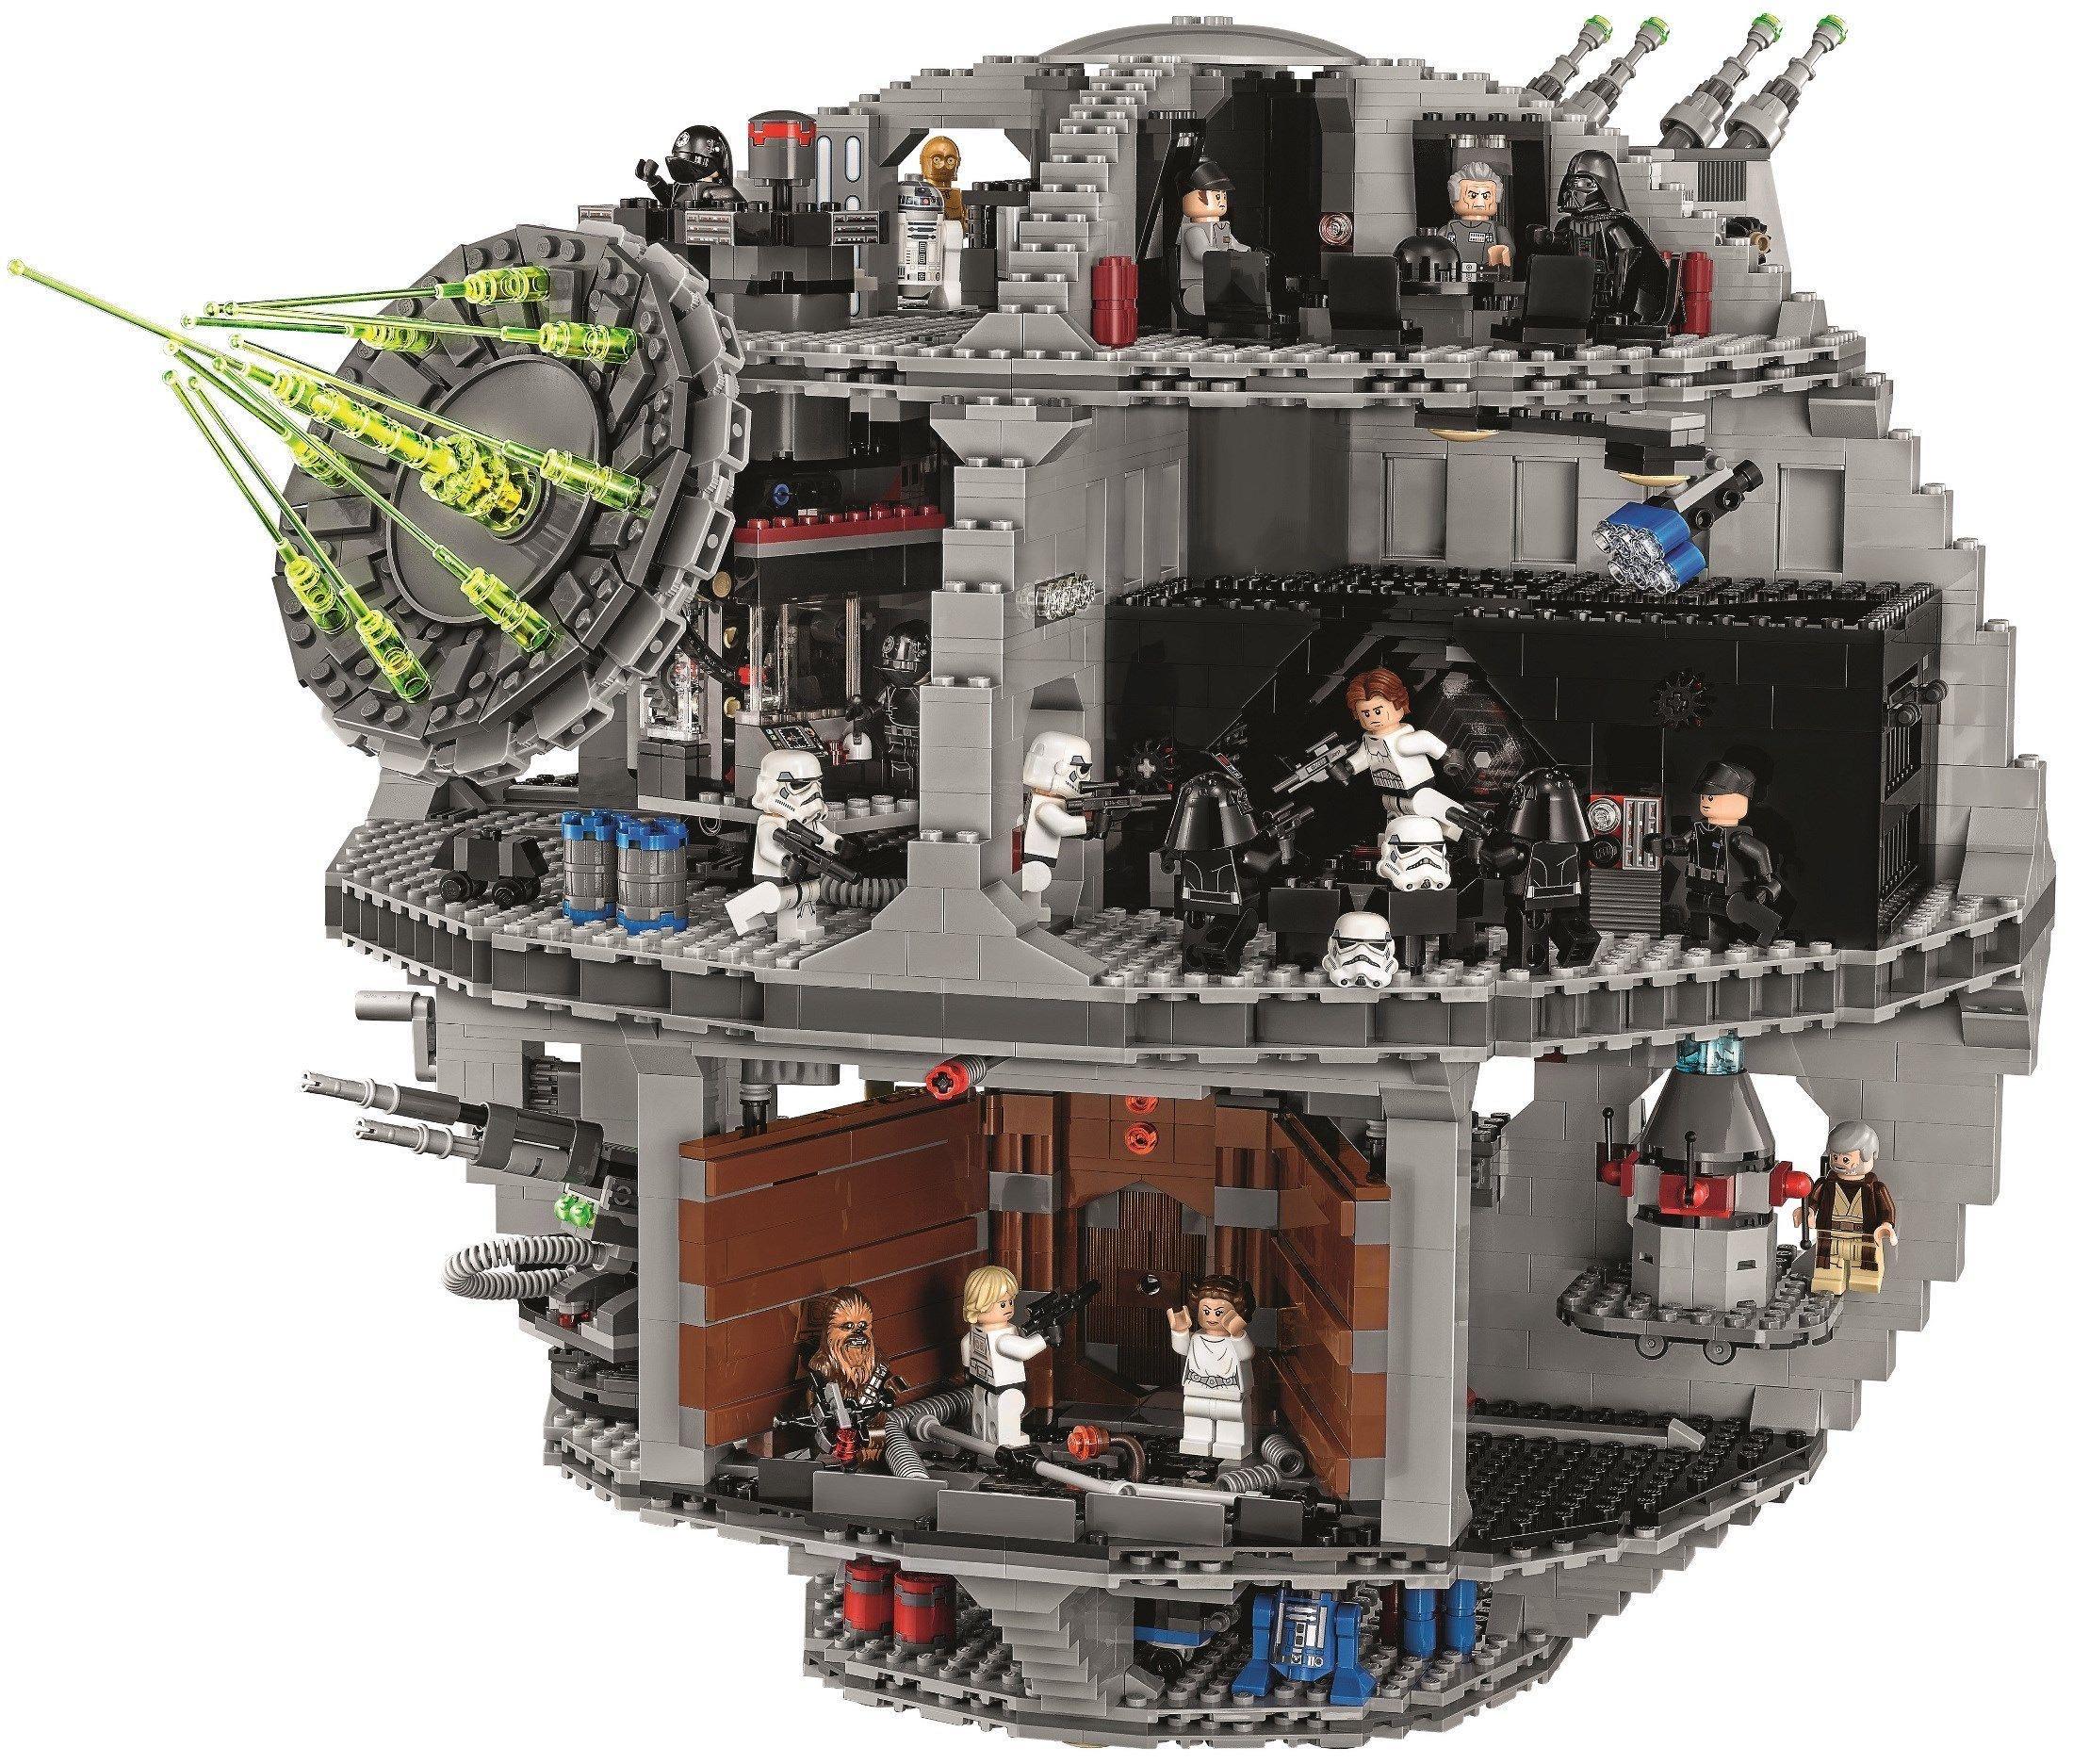 Jeu de construction Lego Star Wars Death Star - Étoile Noire de la Mort (75159)